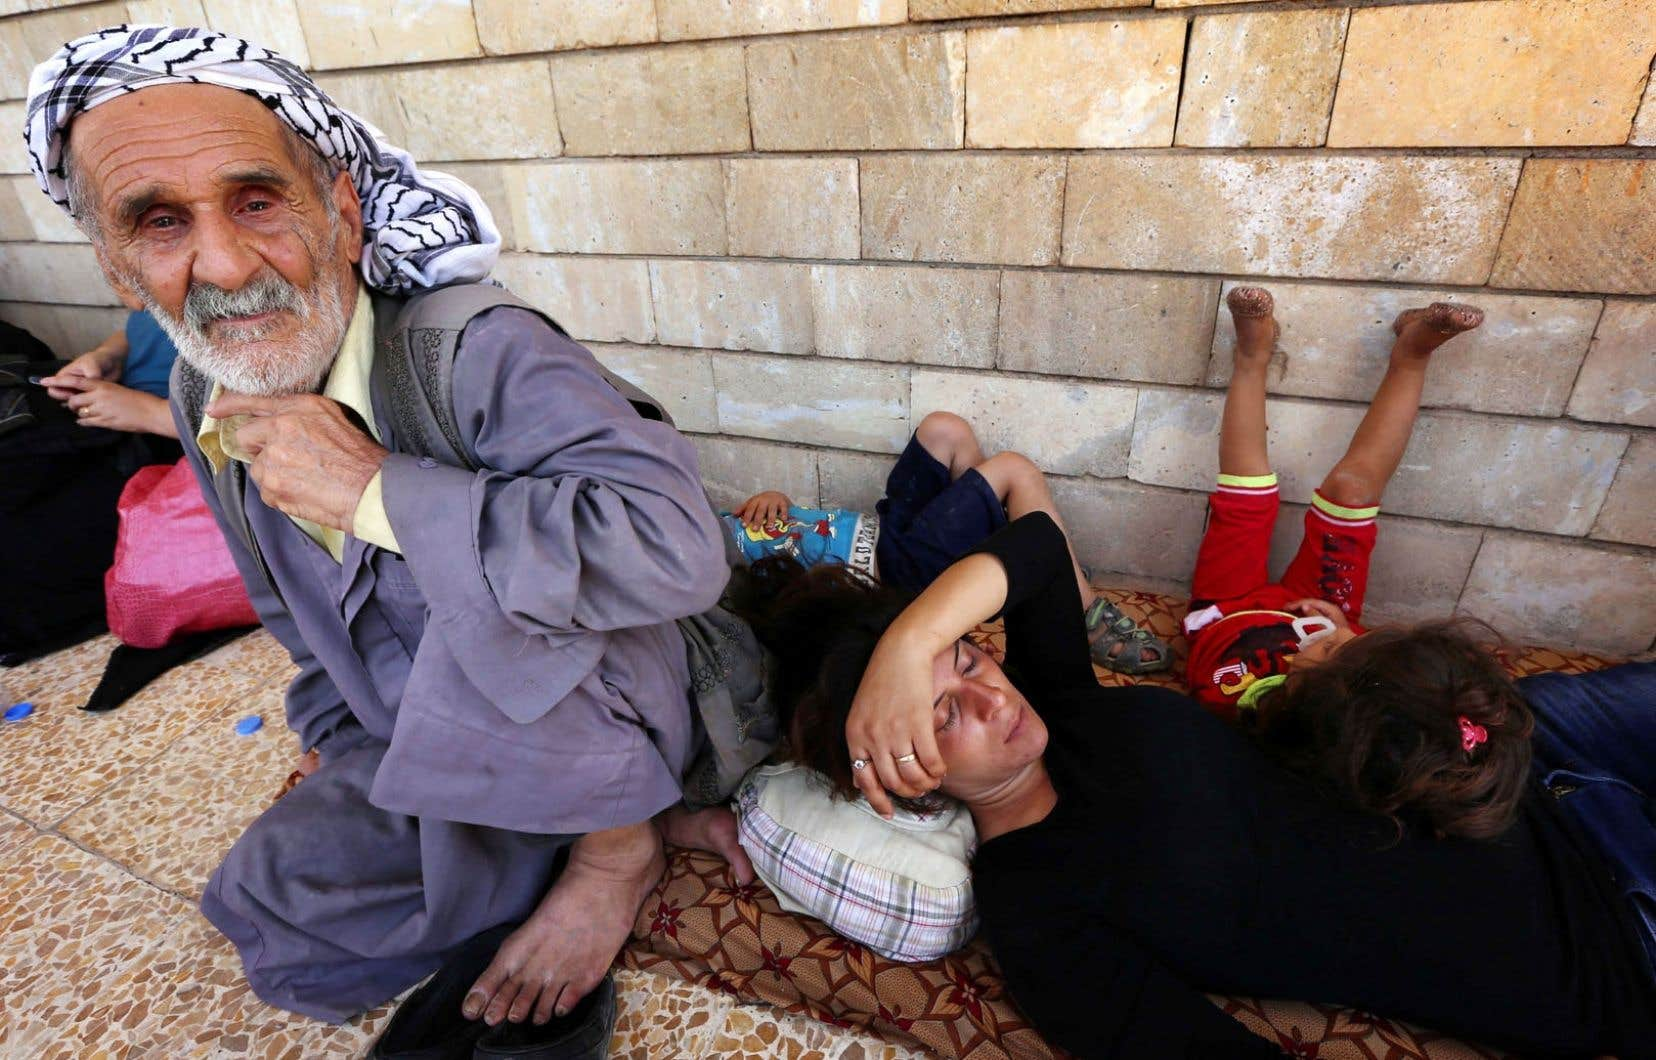 Des chrétiens d'Irak chassés de Qaraqosh par les attaques des djihadistes trouvent refuge à l'église Saint-Joseph d'Arbil, région autonome du Kurdistan.